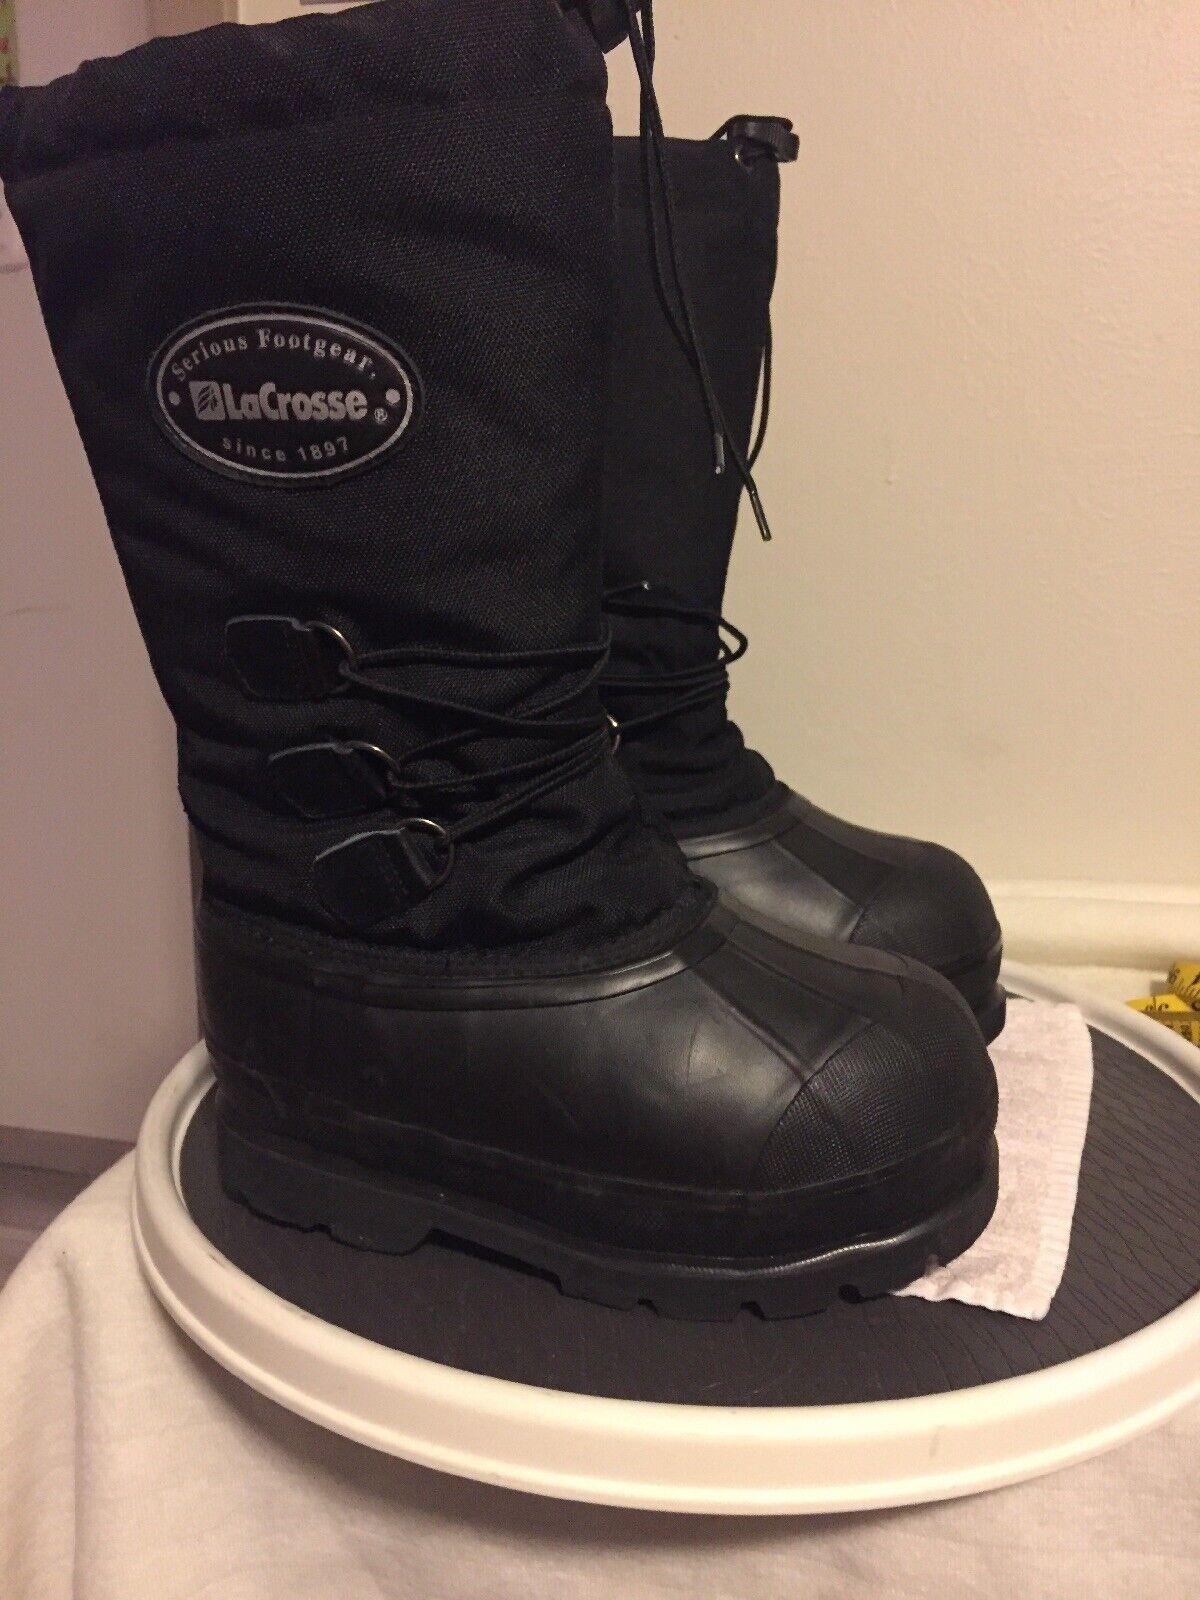 LaCrosse Sz 6 Women's Insulated Waterproof Snow Boots